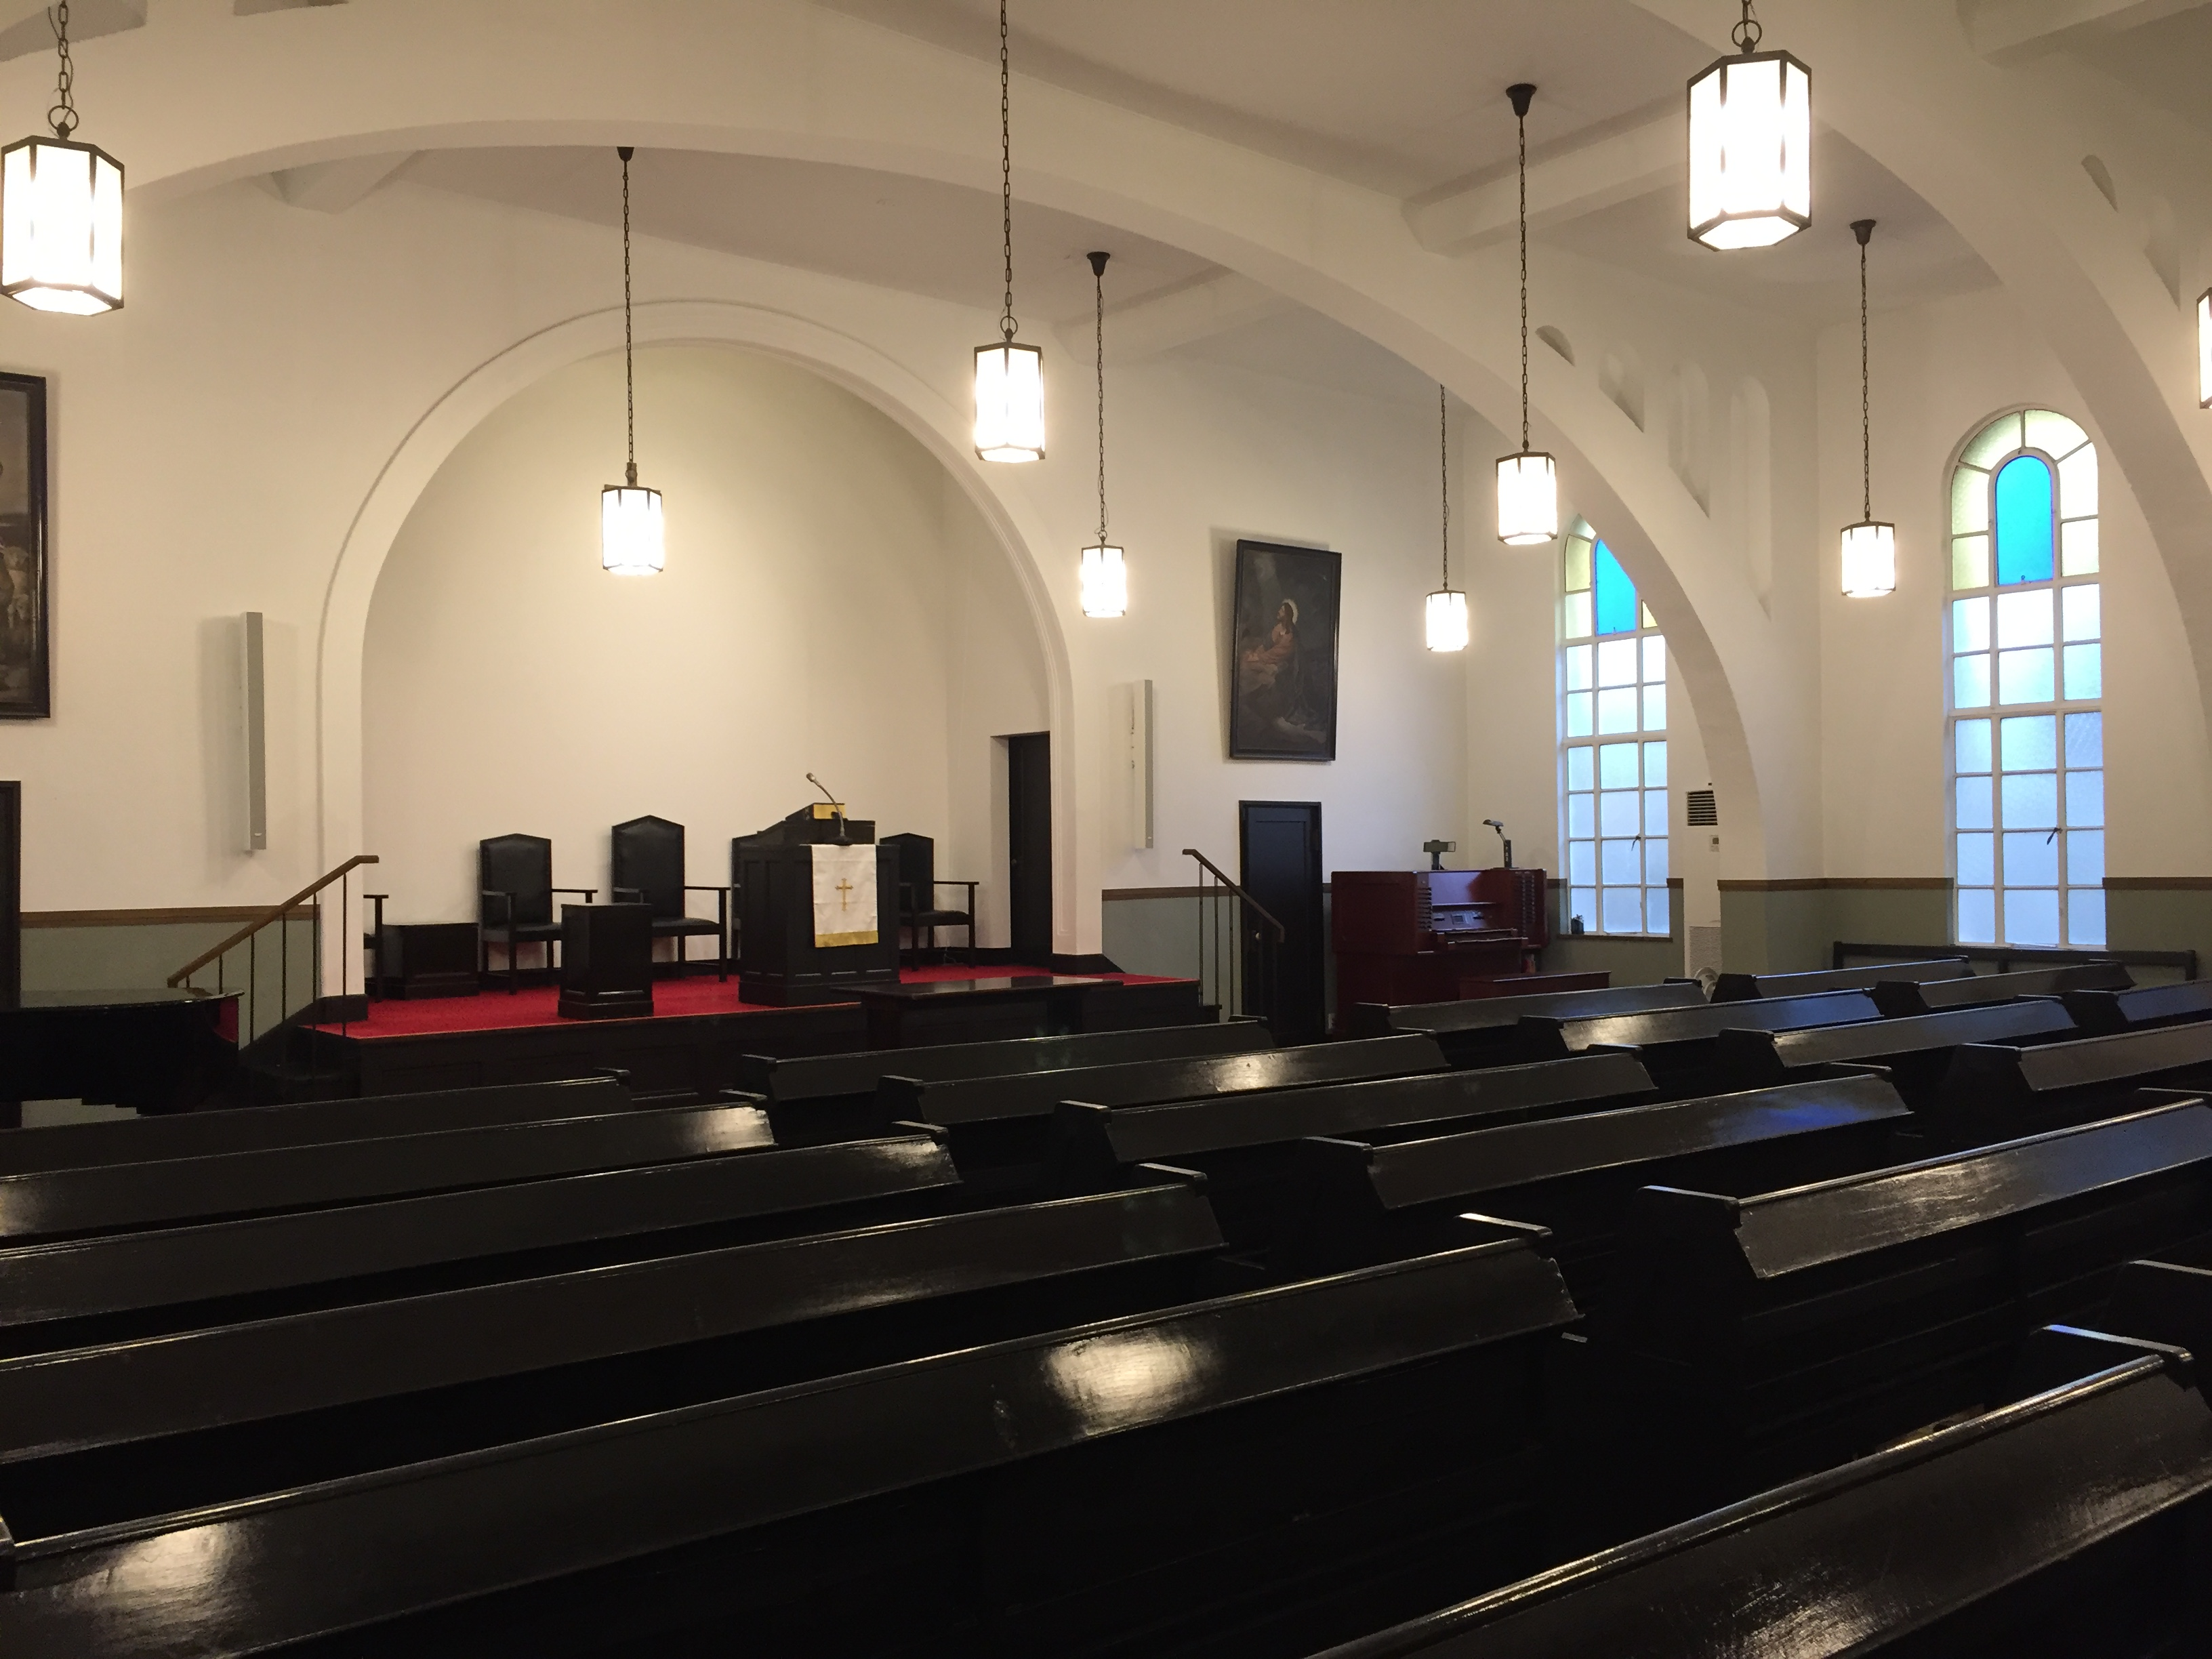 <p>2階礼拝堂1</p>アーチ梁が印象的な礼拝堂全景。